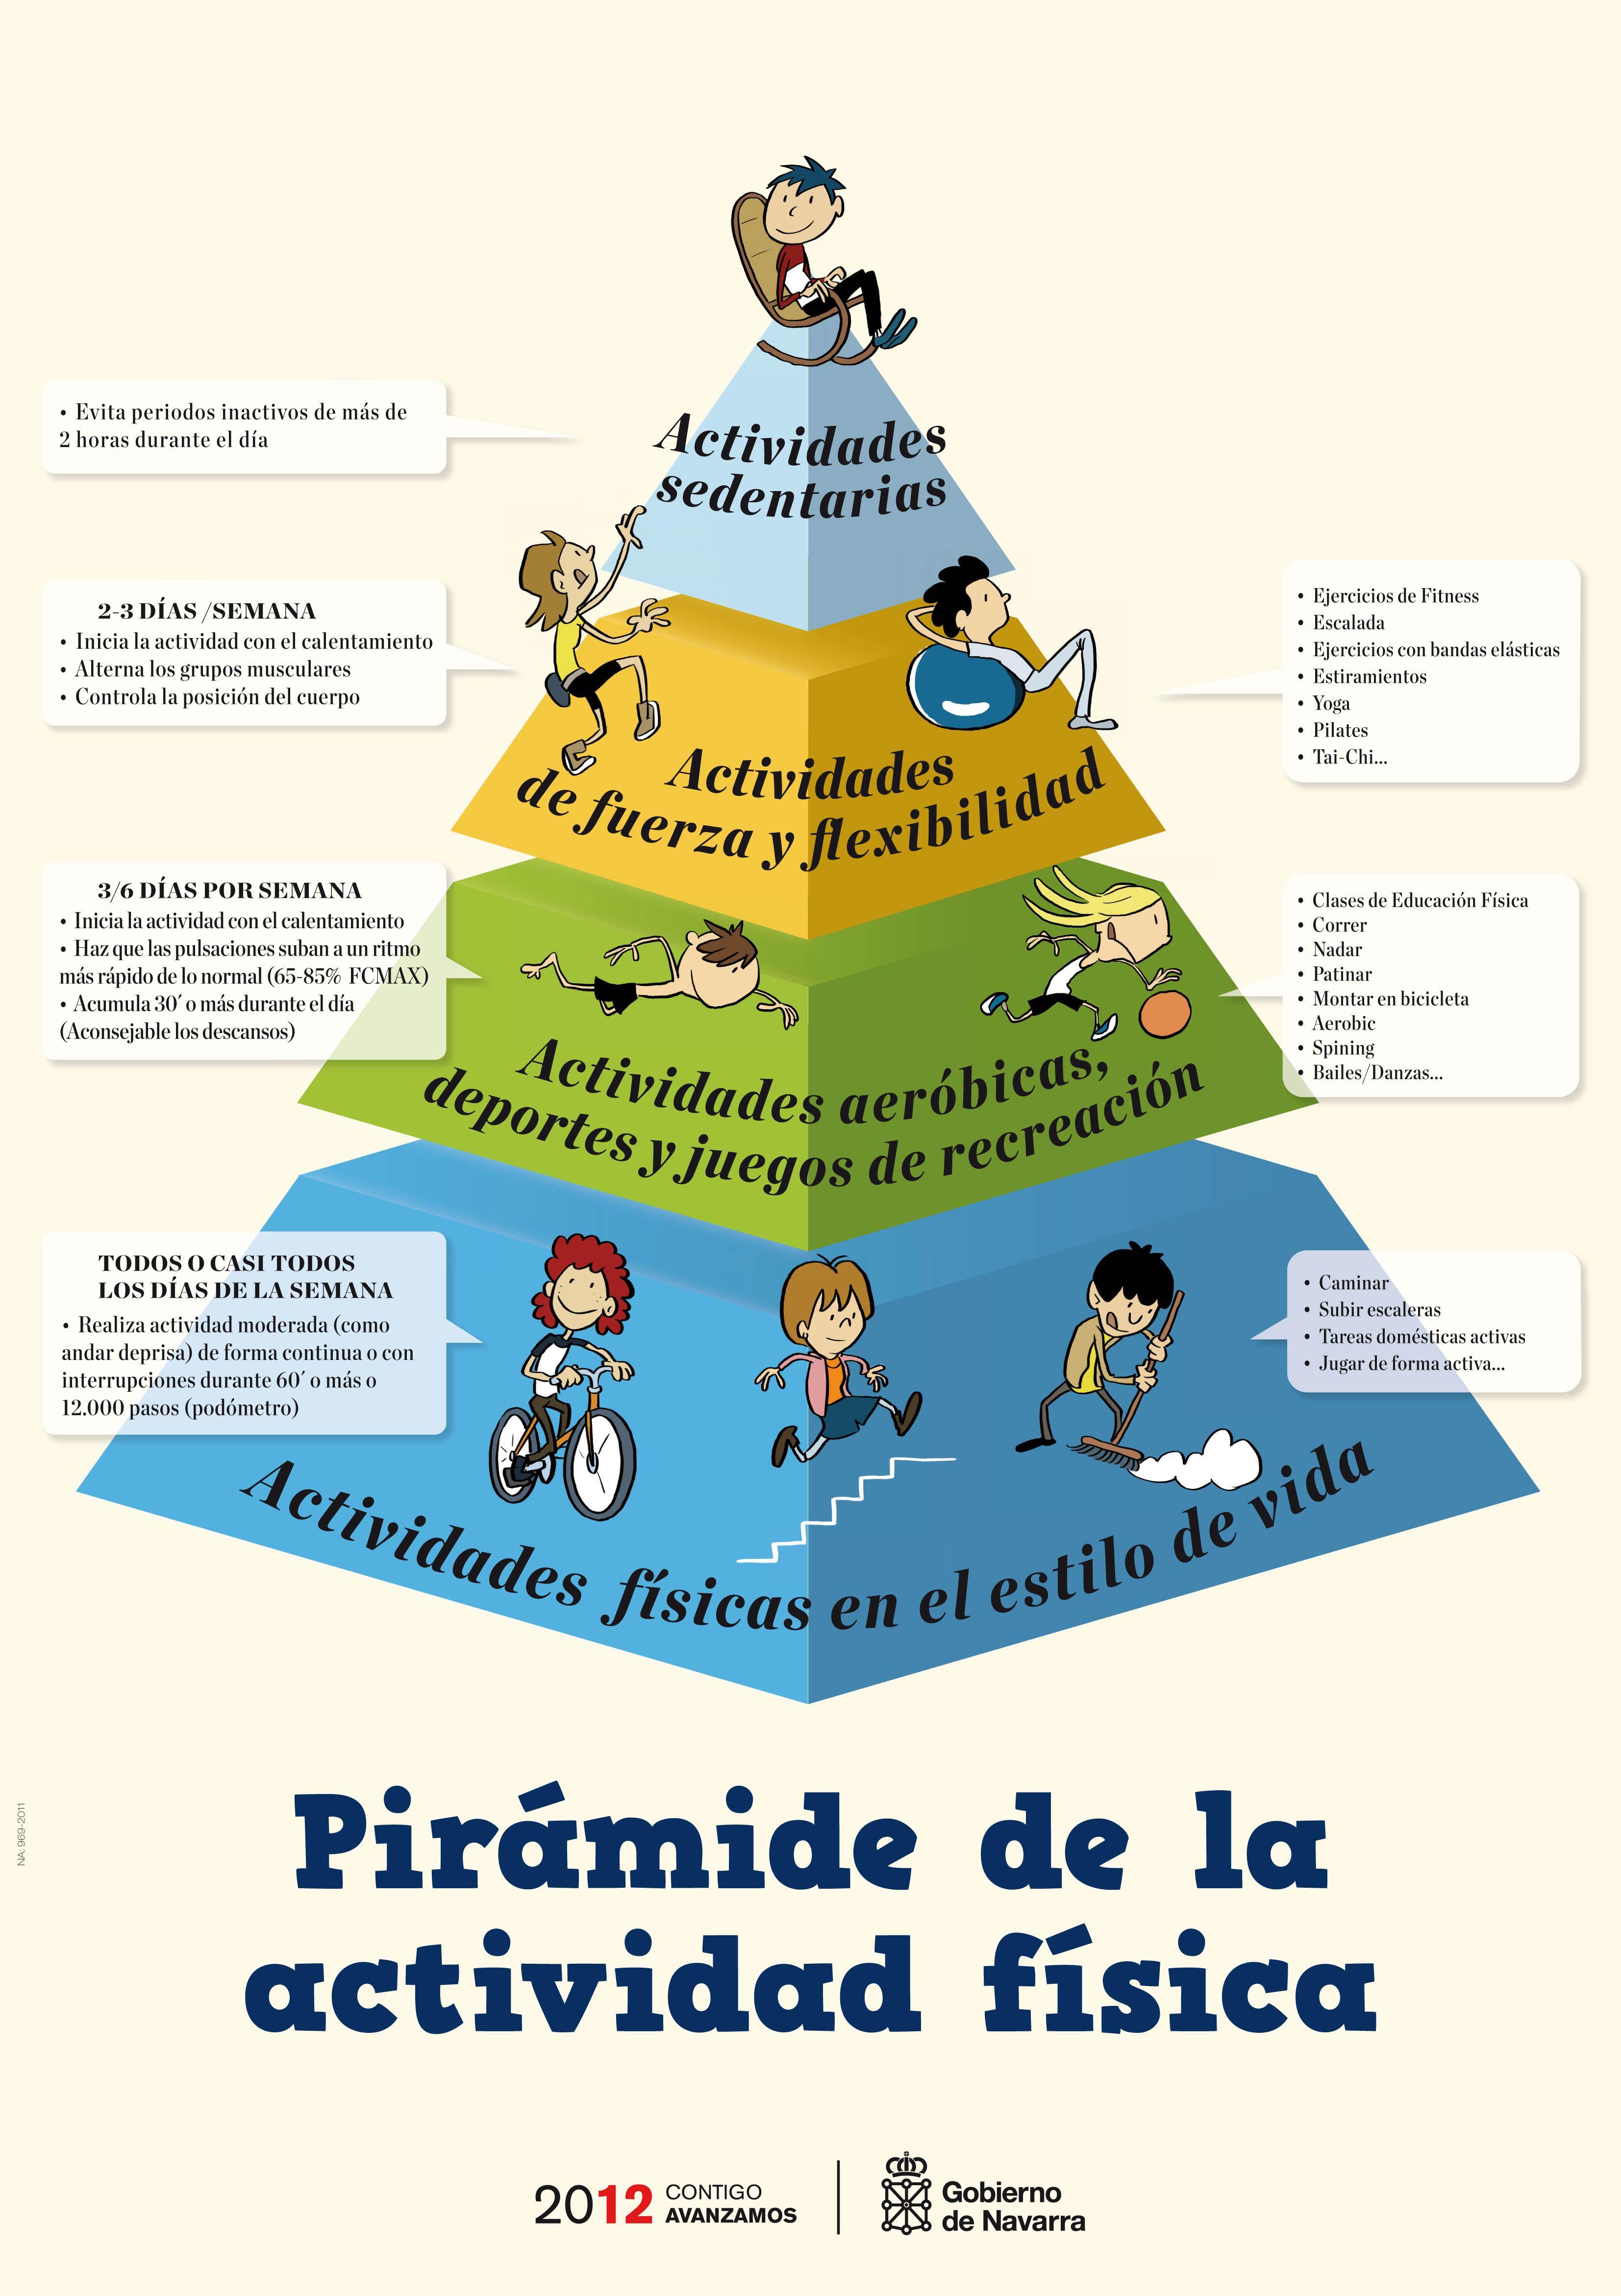 10 Beneficios De La Actividad Física Profesor Educacion Fisica Clases De Educación Física Imagenes De Actividad Fisica